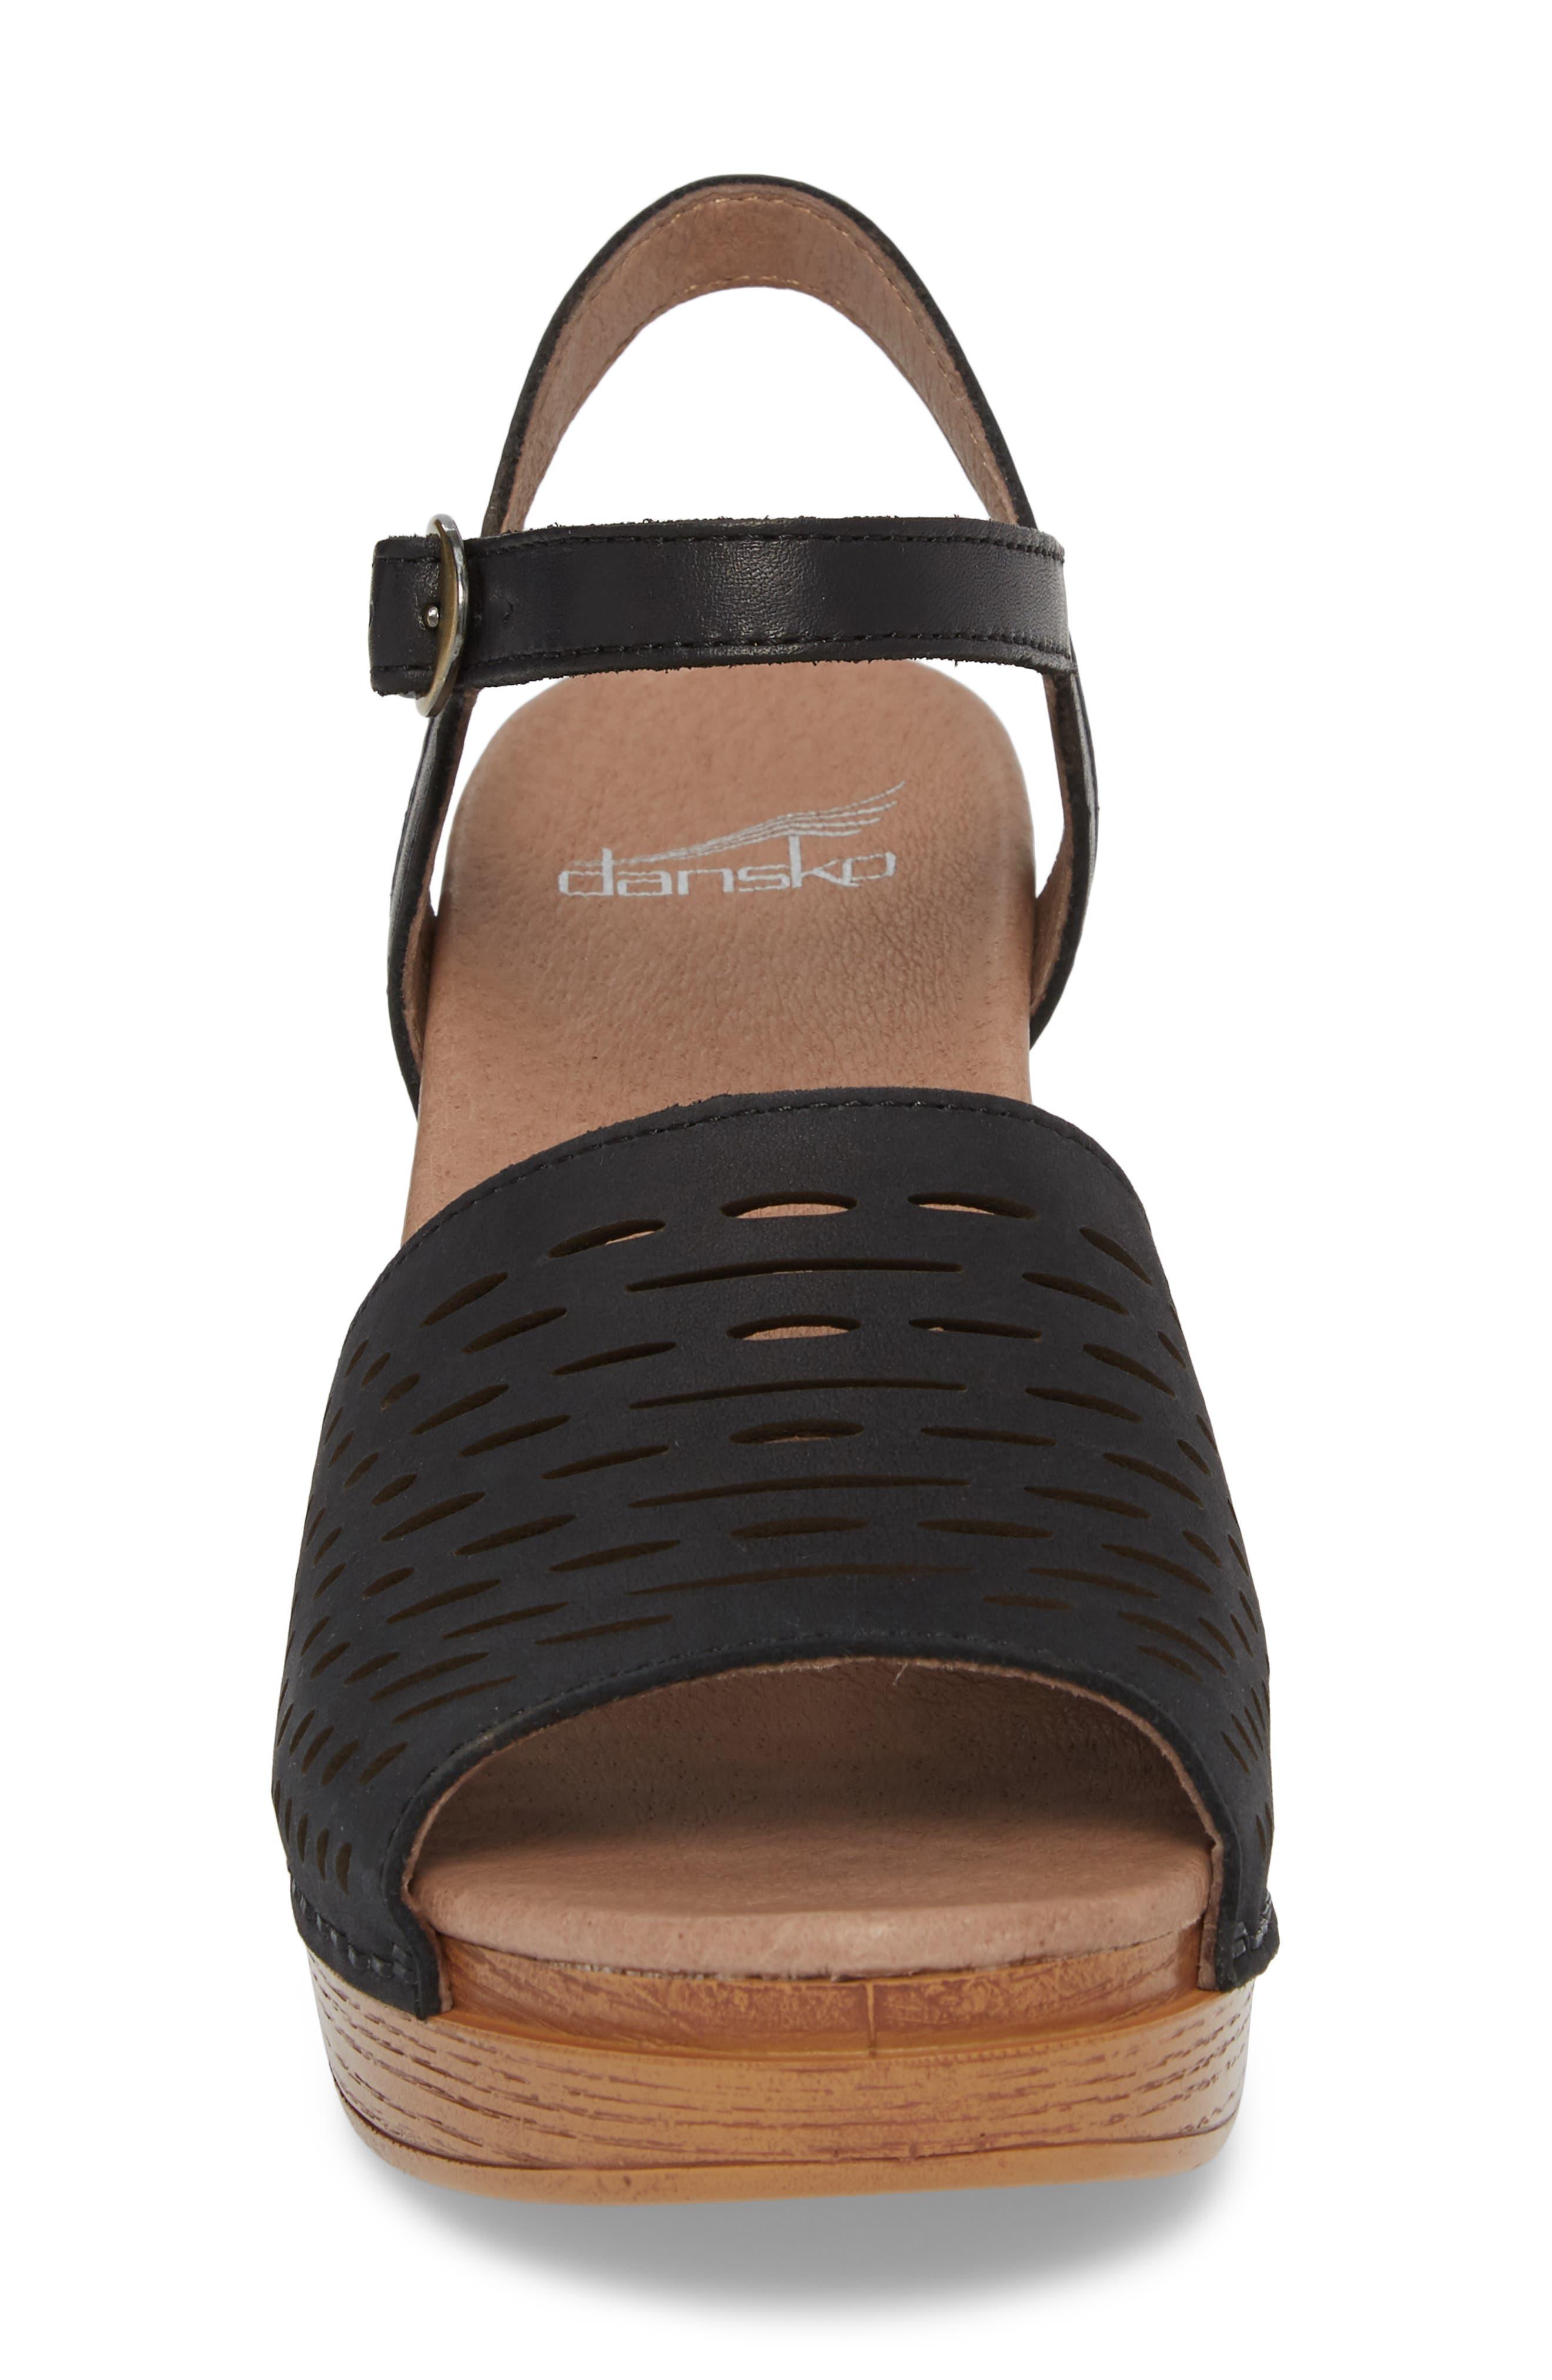 Denita Block Heel Sandal,                             Alternate thumbnail 4, color,                             001